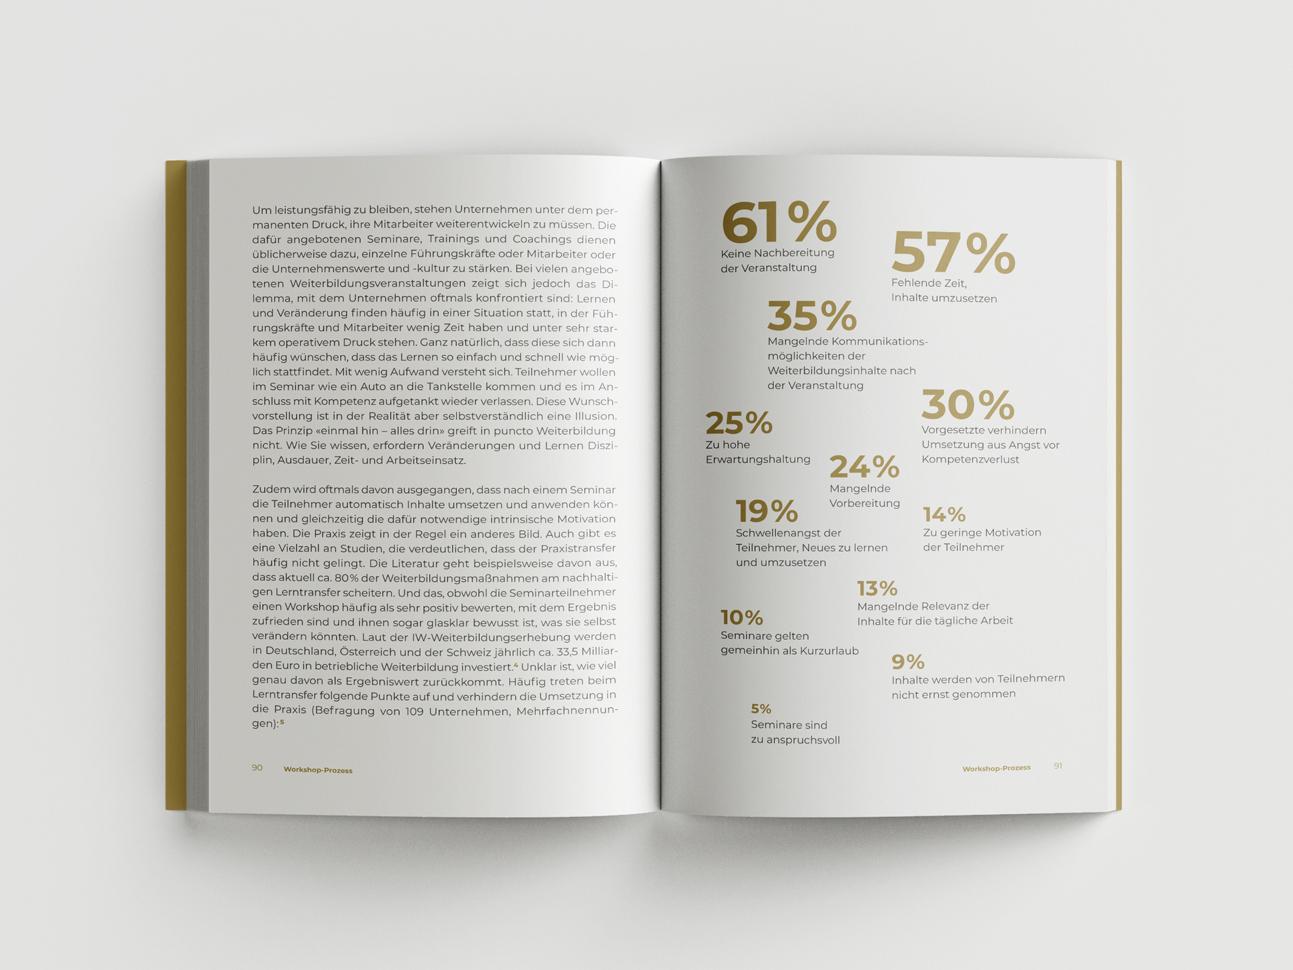 martin zech design, buchgestaltung, atilla vuran, mypontea, doppelseite 14